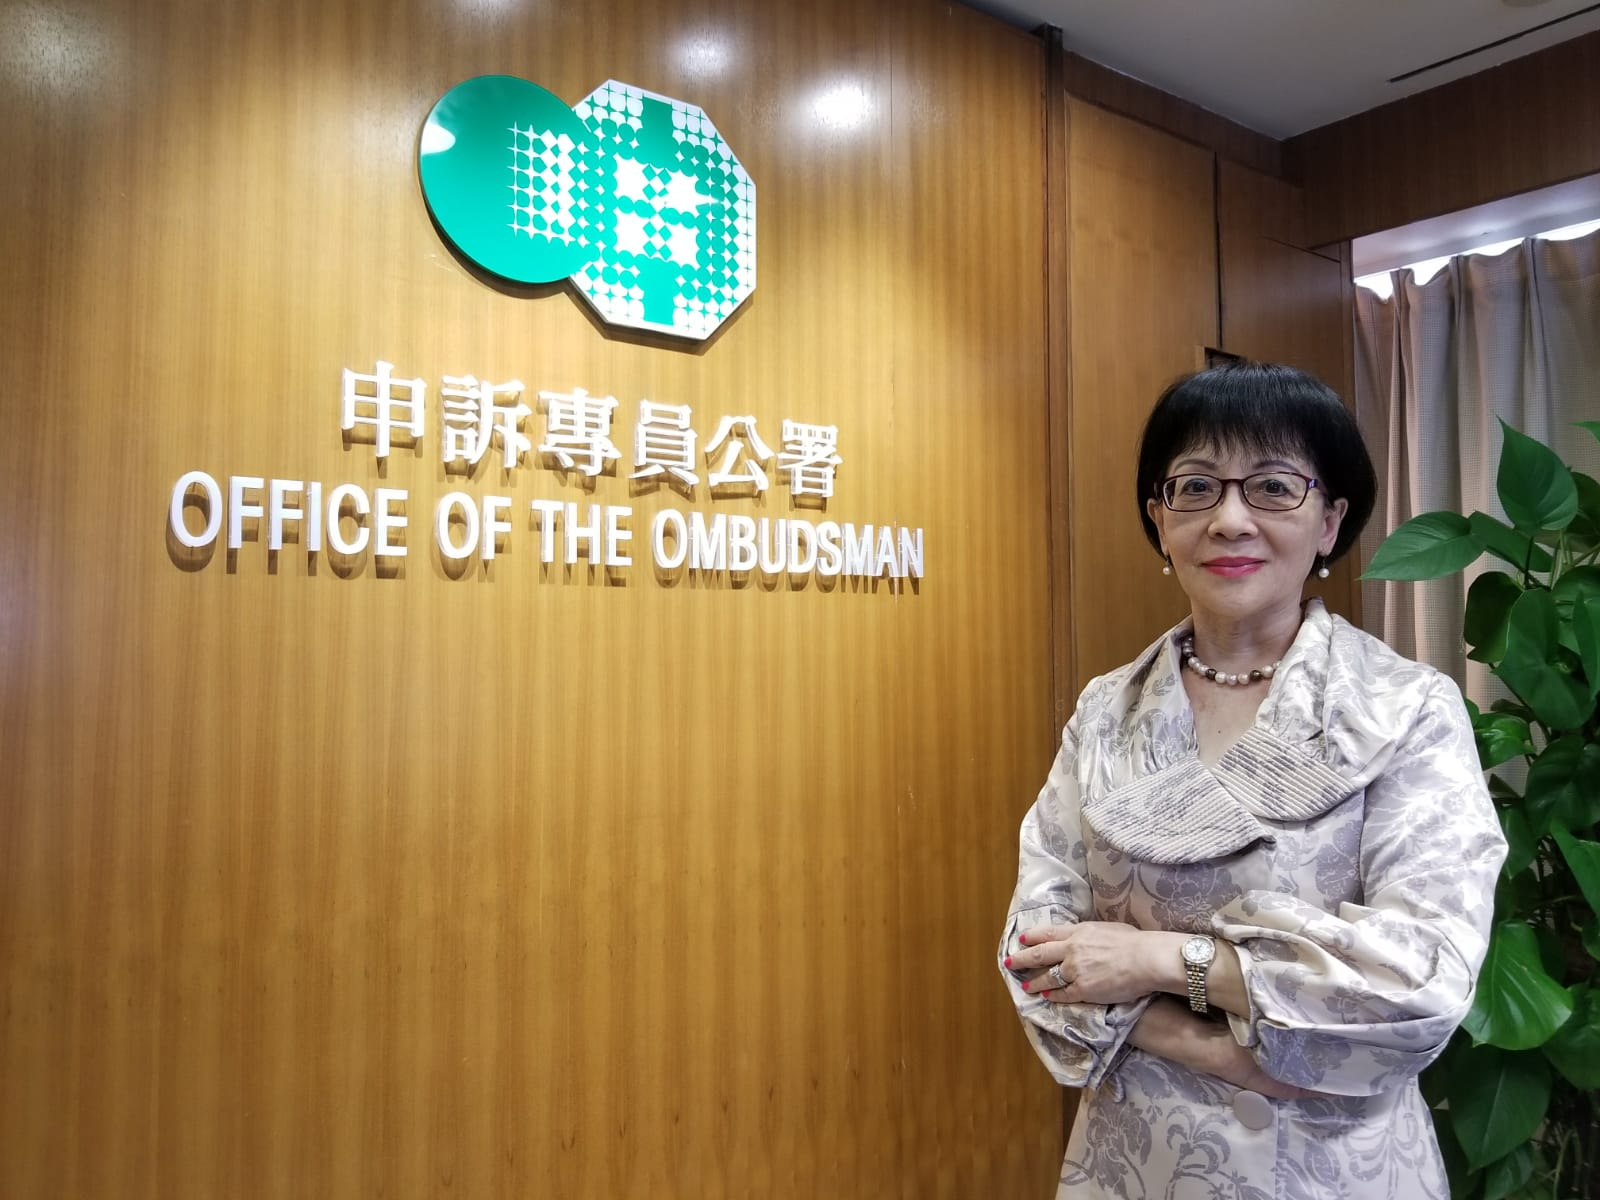 申诉专员公署专员刘燕卿将在本月底卸任。